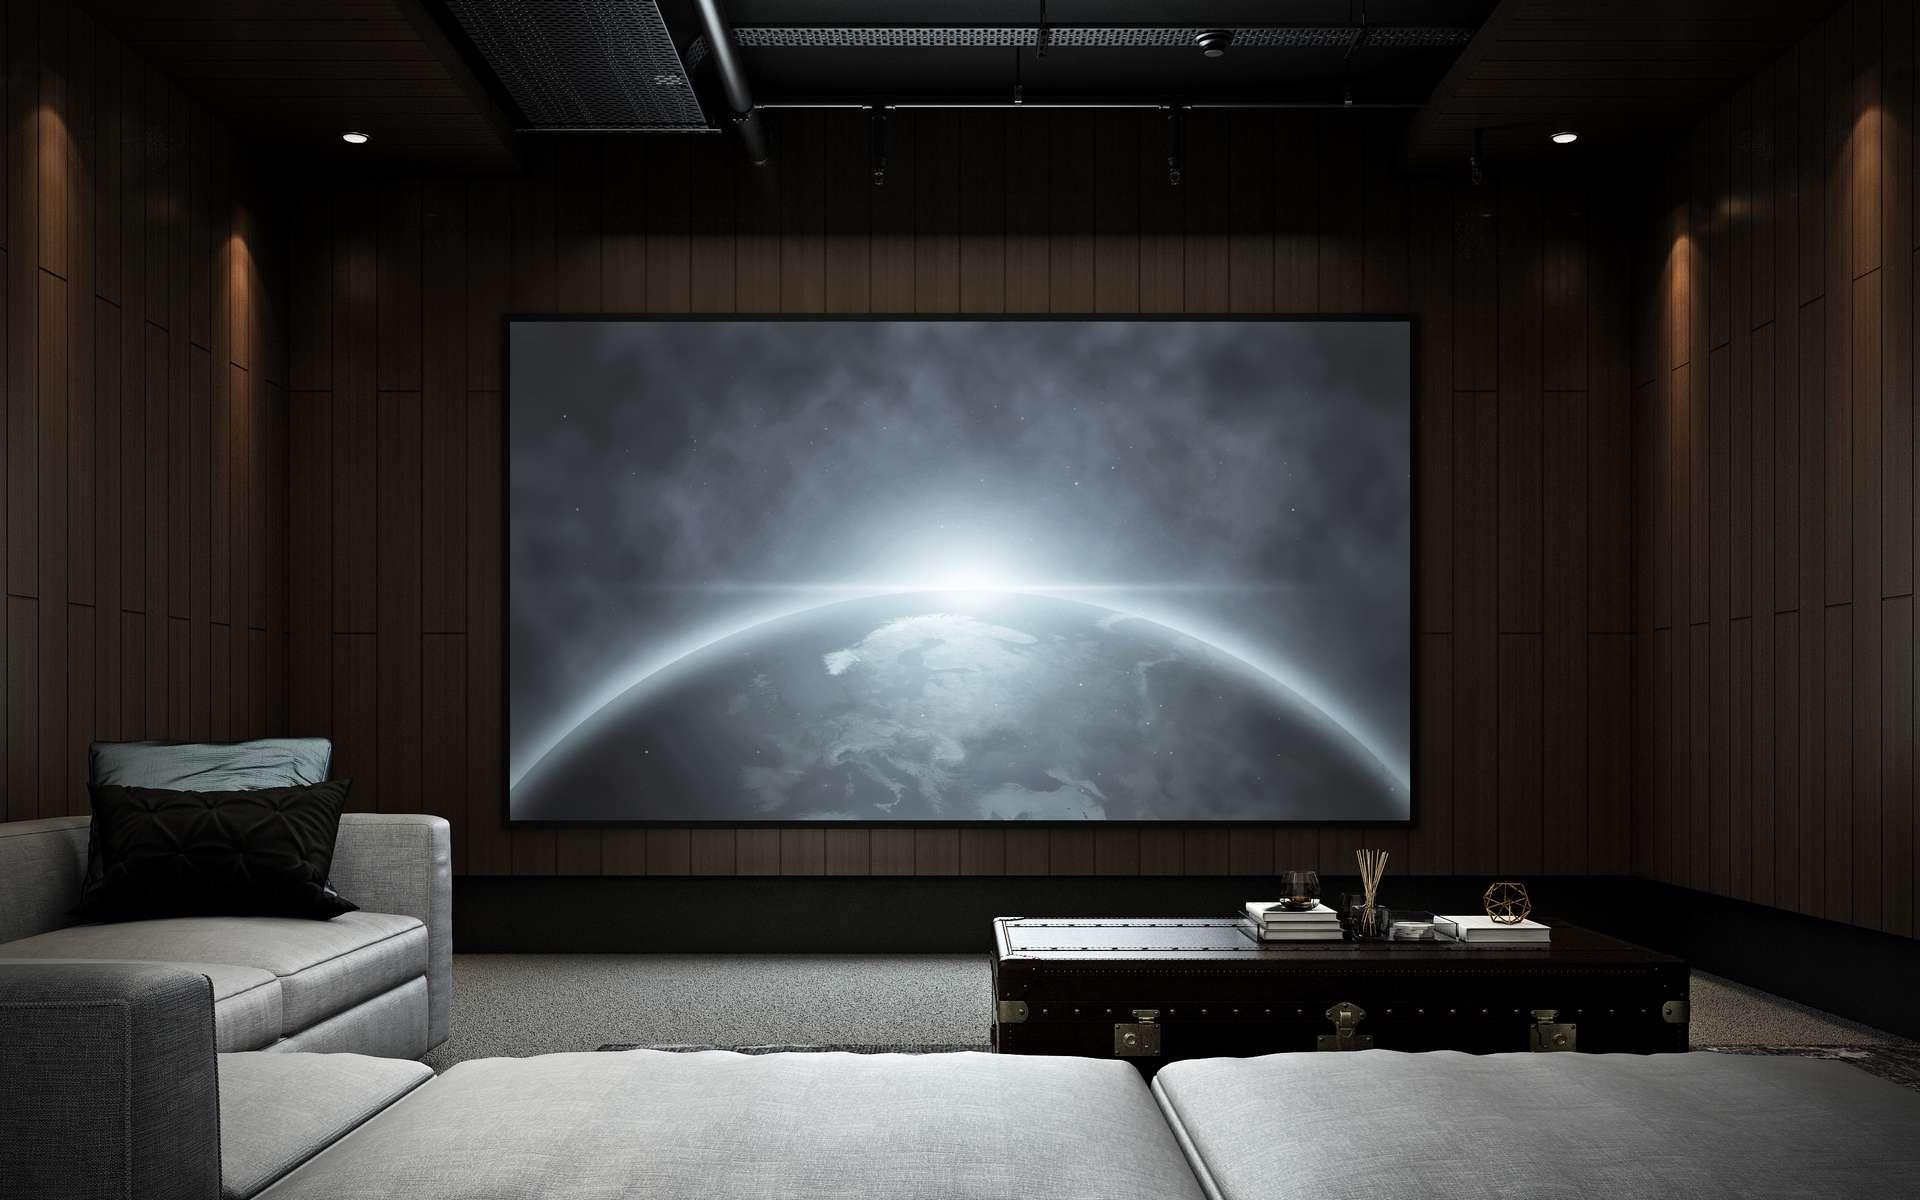 Le cinéma à la maison. © P11irom, Adobe Stock